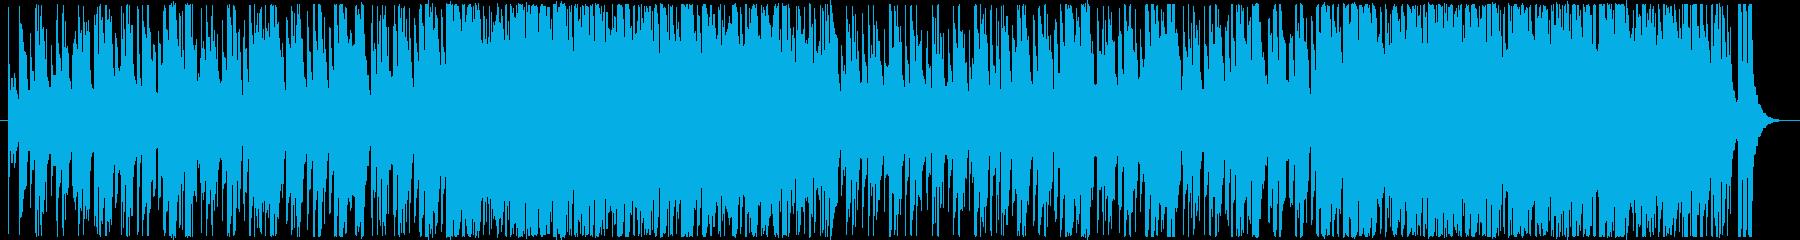 のん気で元気、カラフルでコミカル♪の再生済みの波形